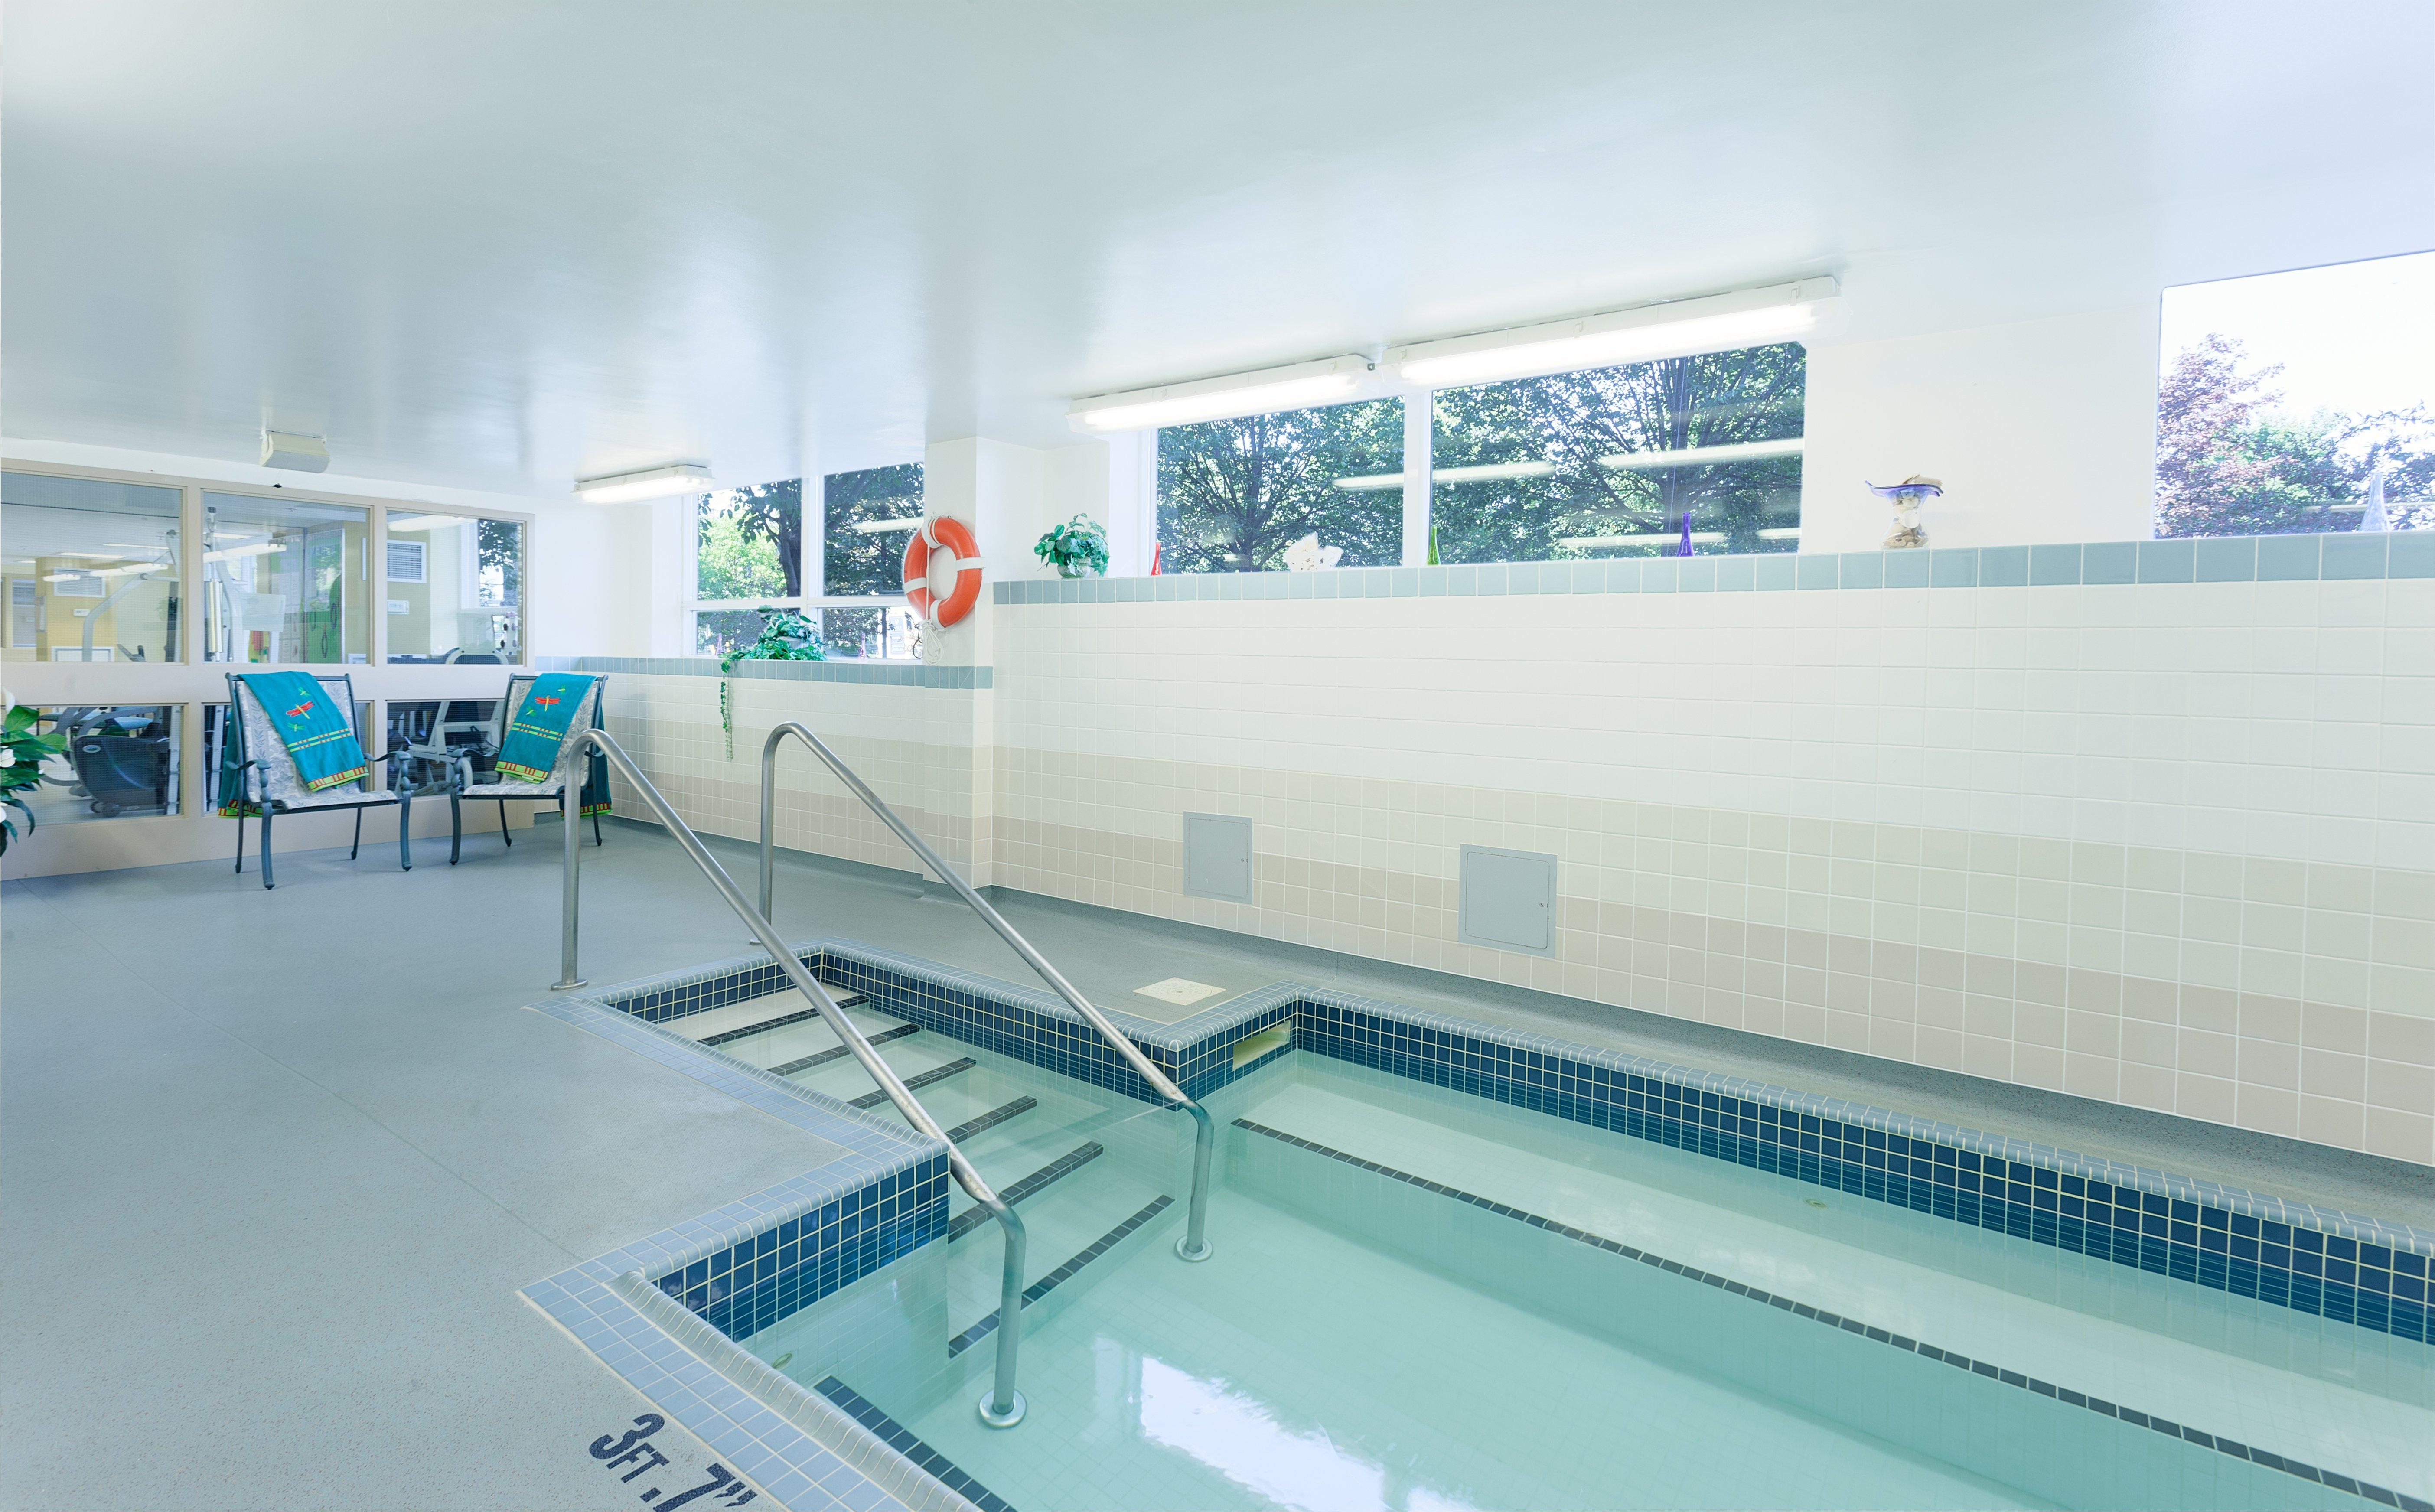 The indoor pool of Villa Da Vinci Retirement Residence in Vaughan